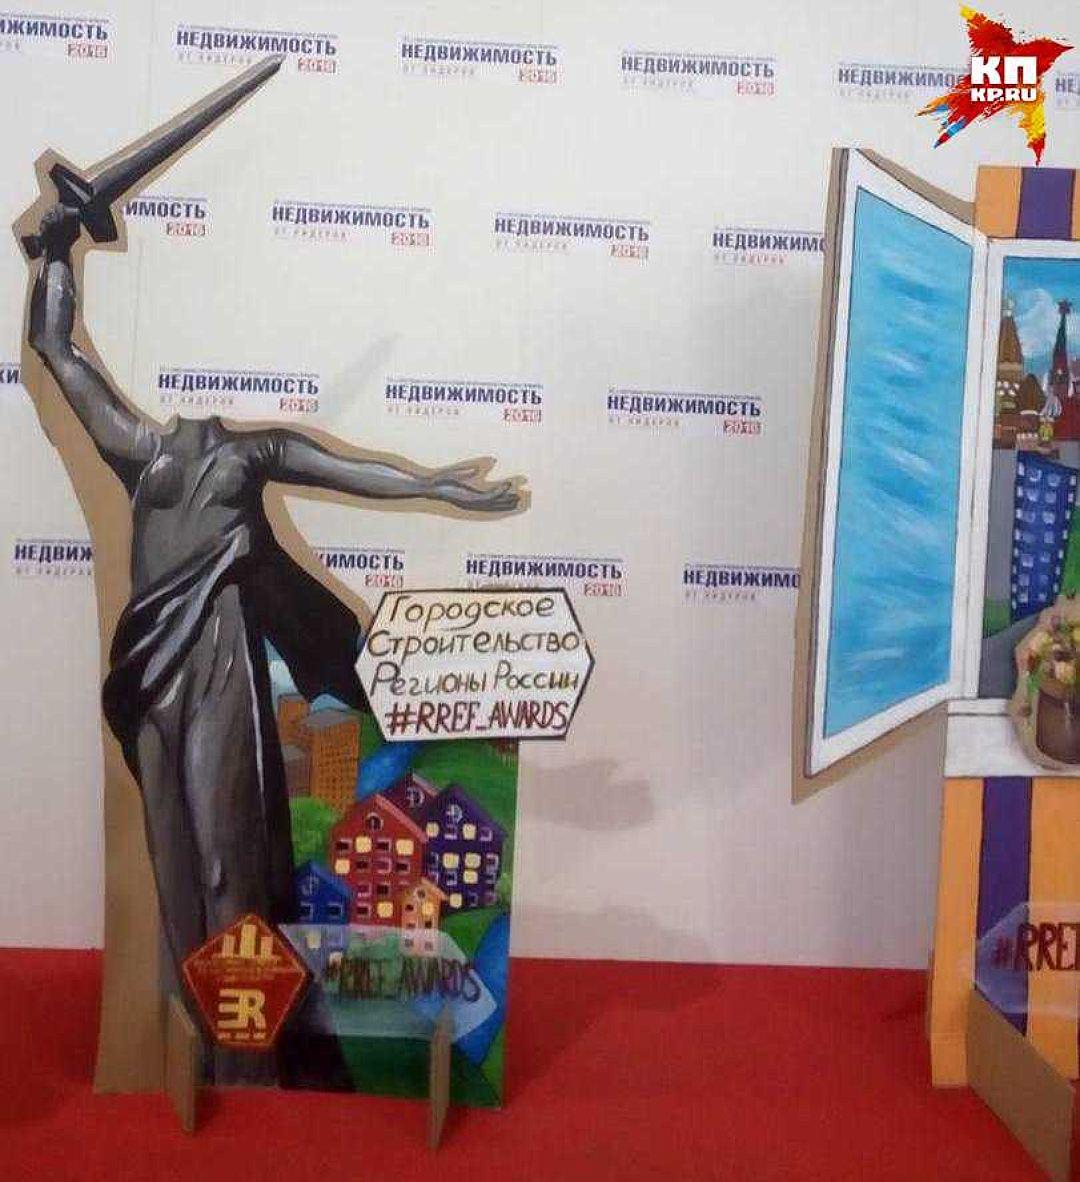 В Москве на выставке обезглавили Родину-мать